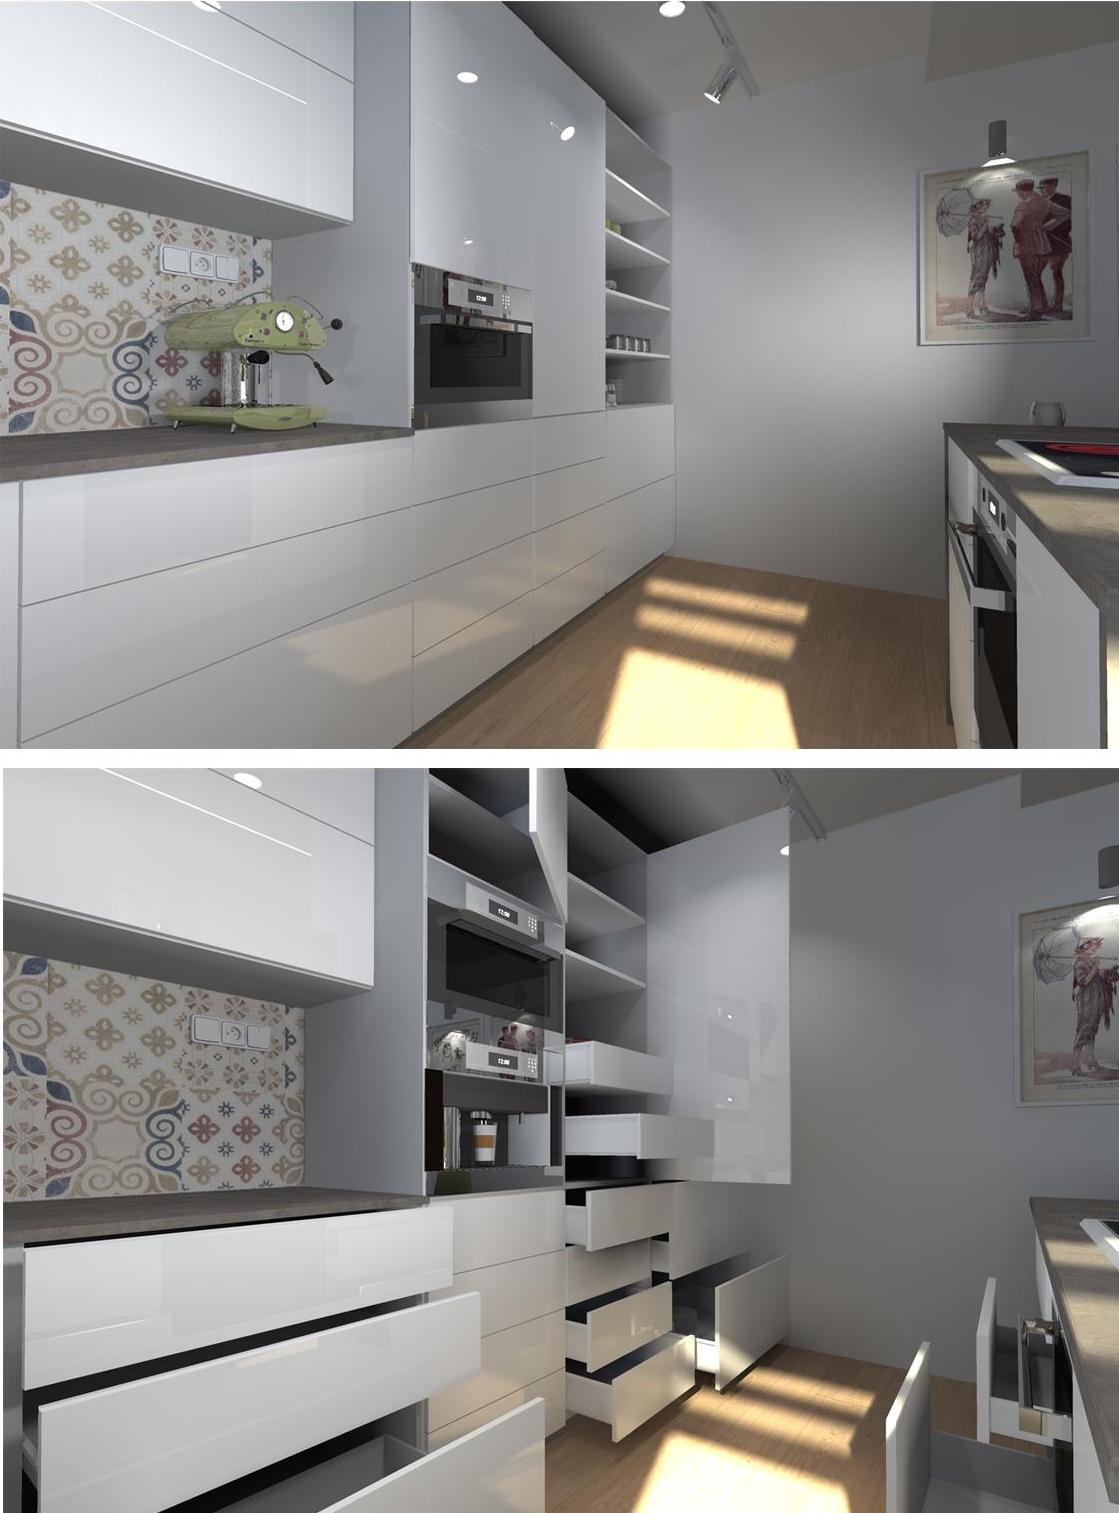 Kuchyne nielen do panelakovych bytov - takto sa to bude otvarat - mozno